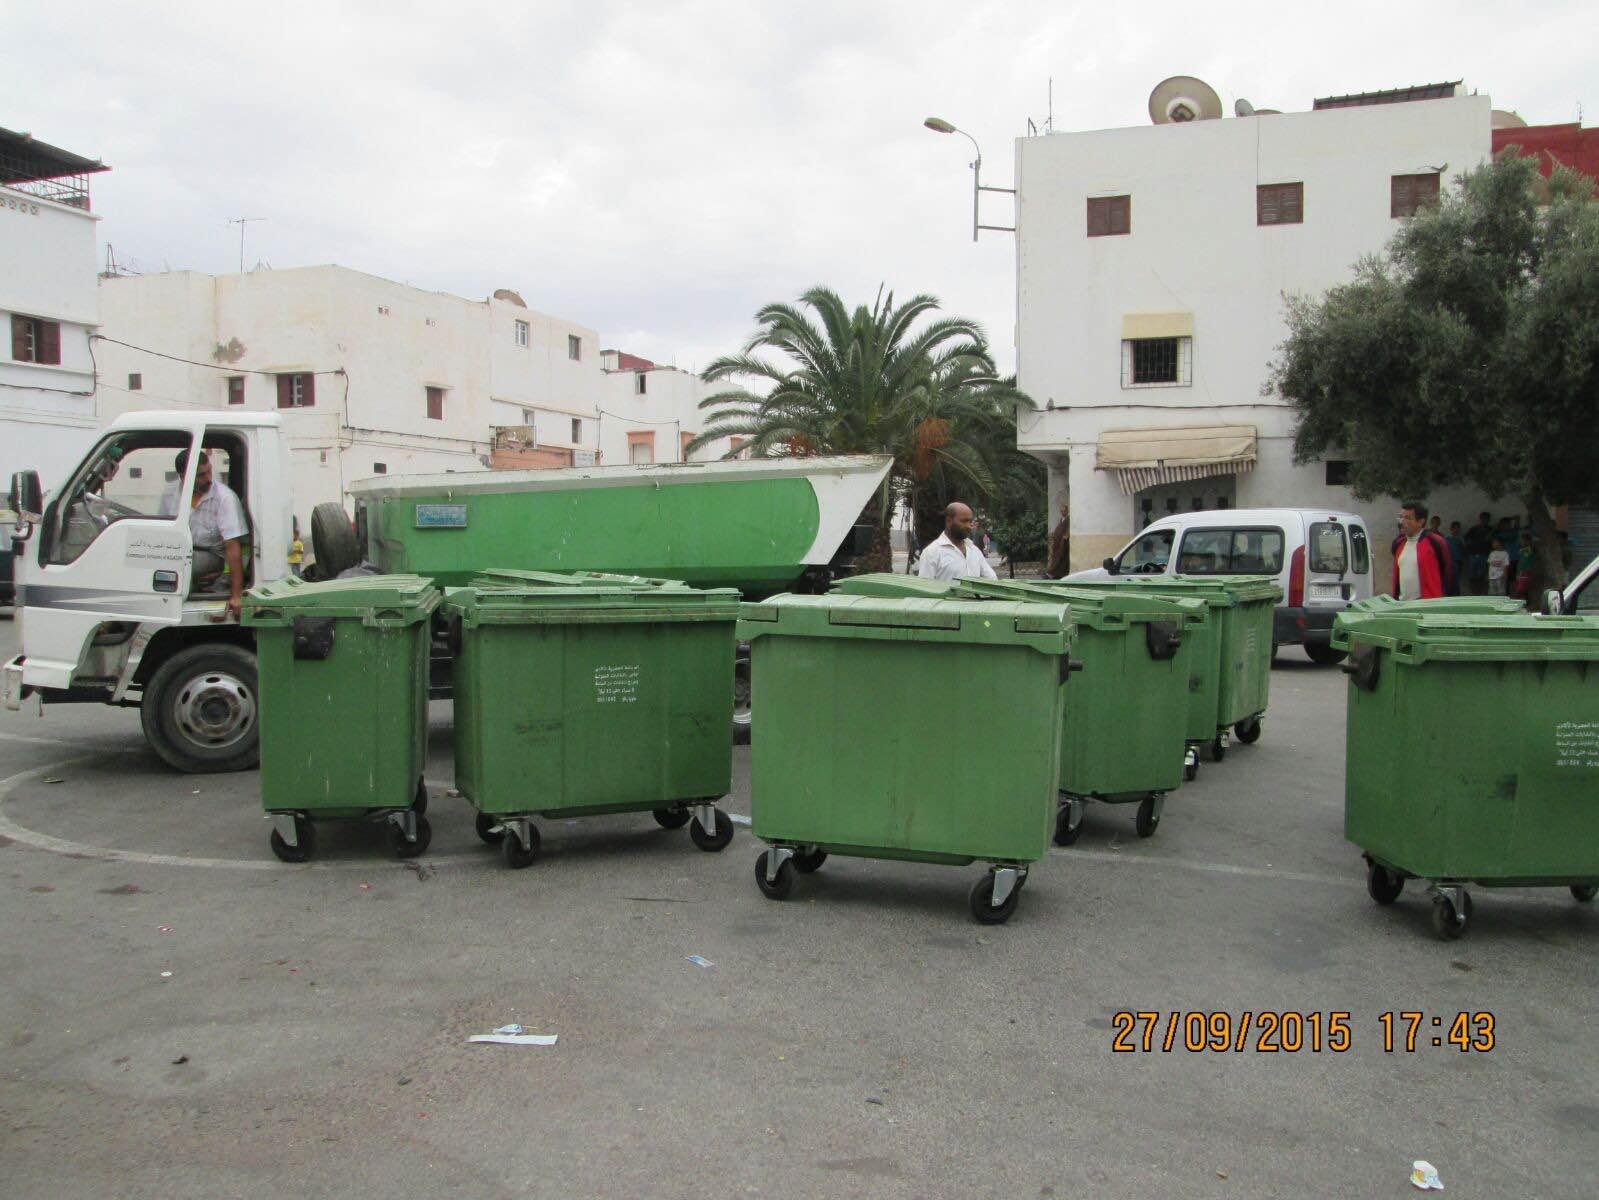 ما مدى صحة خبرإحراق حاويات الأزبال بحي مولاي رشيد (العزيب ) باكادير ؟